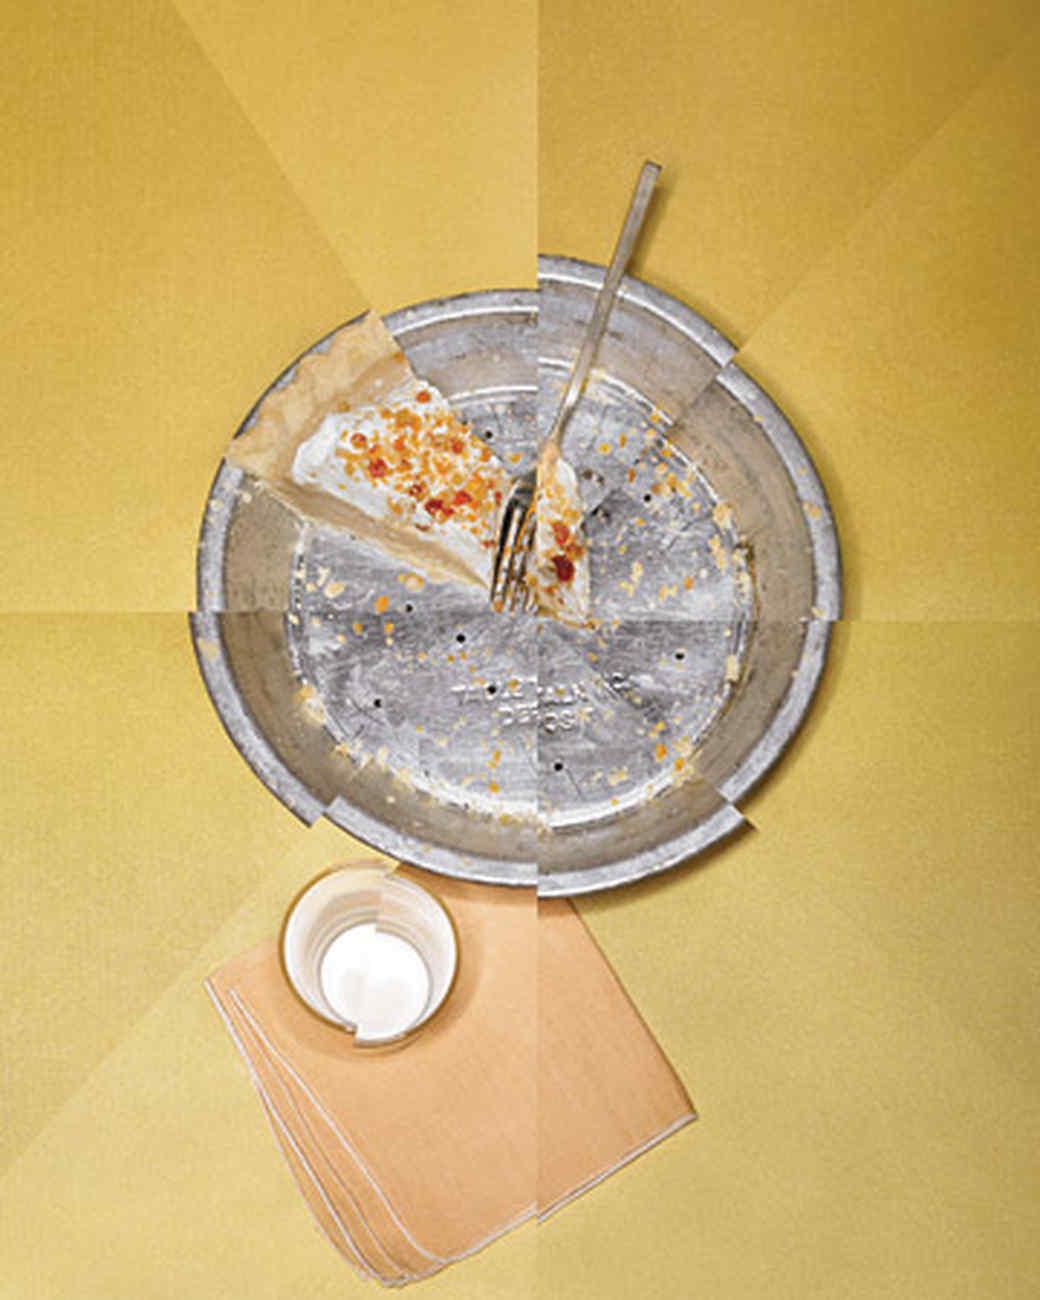 Butterscotch-Praline Cream Pie